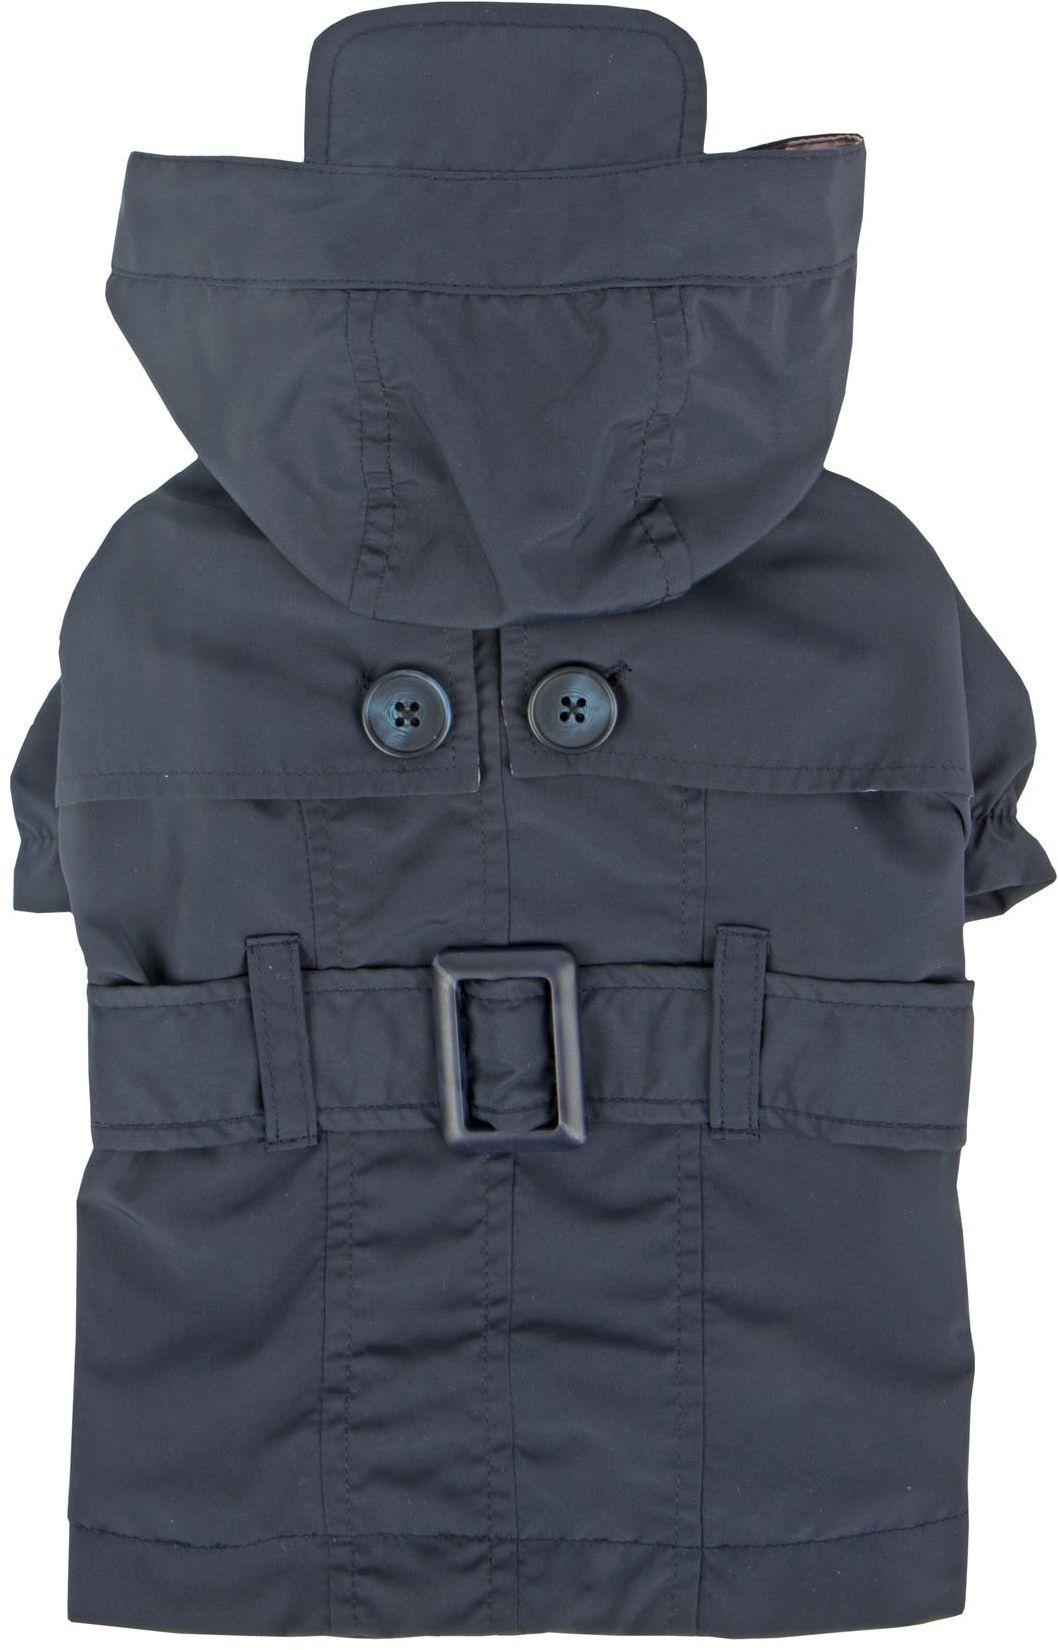 Pinkaholic New York NARA-RM7321-NY-L granatowy płaszcz przeciwdeszczowy Claris sierści płaszcz przeciwdeszczowy, duży